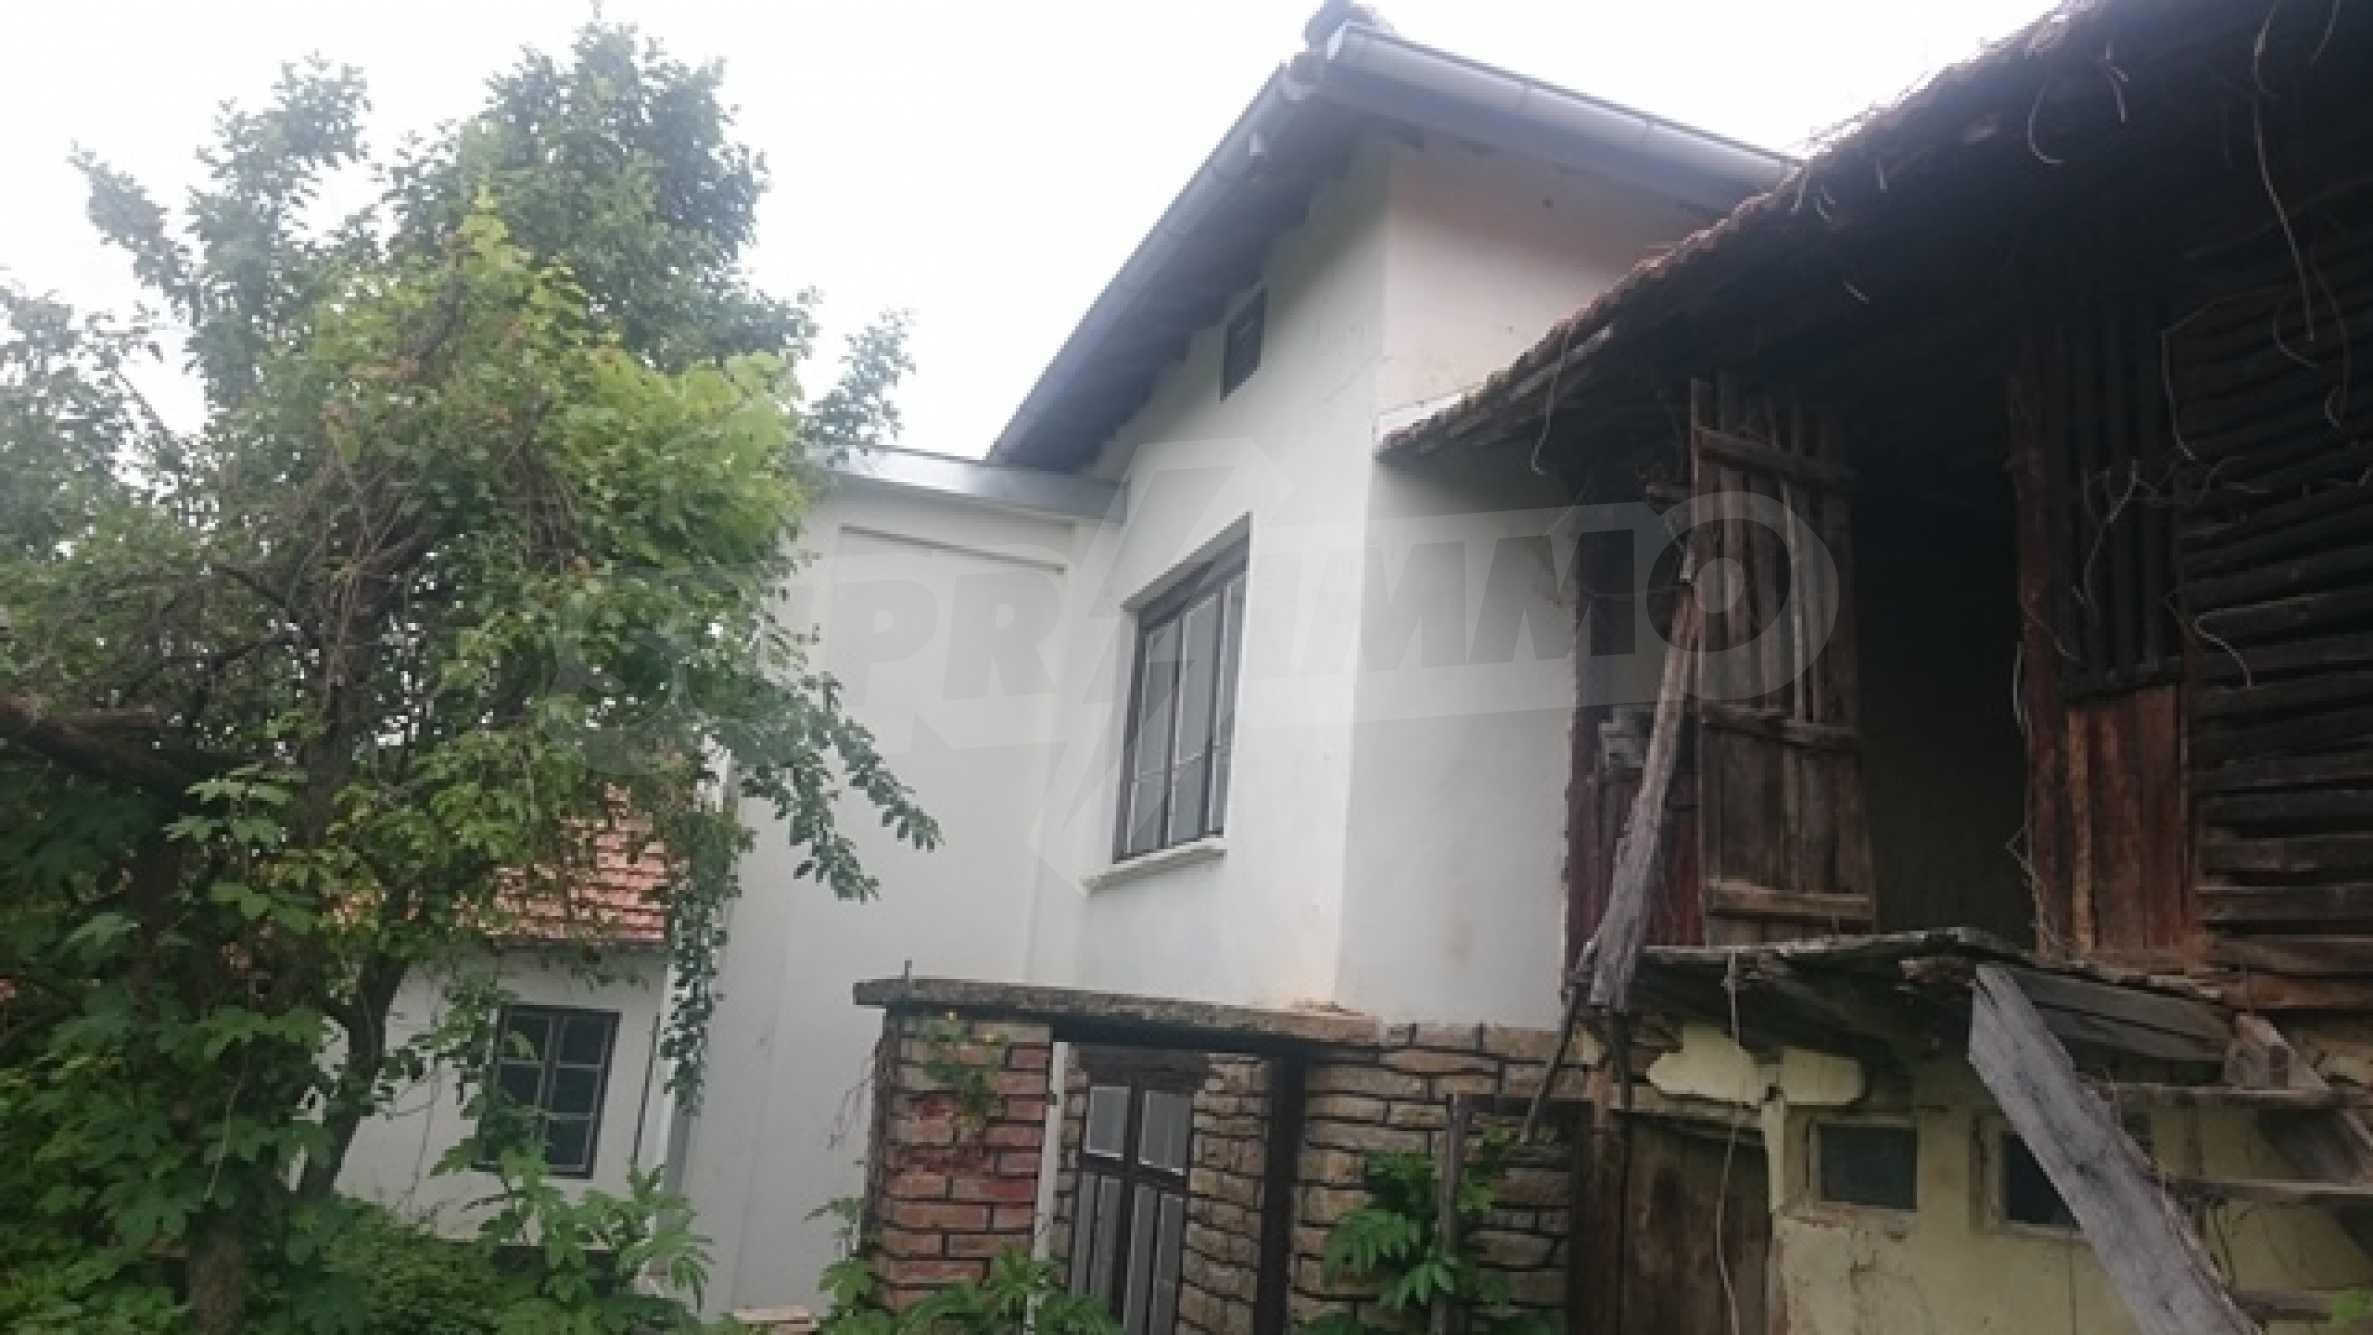 Двуетажна каменна къща в полите на Стара планина 1